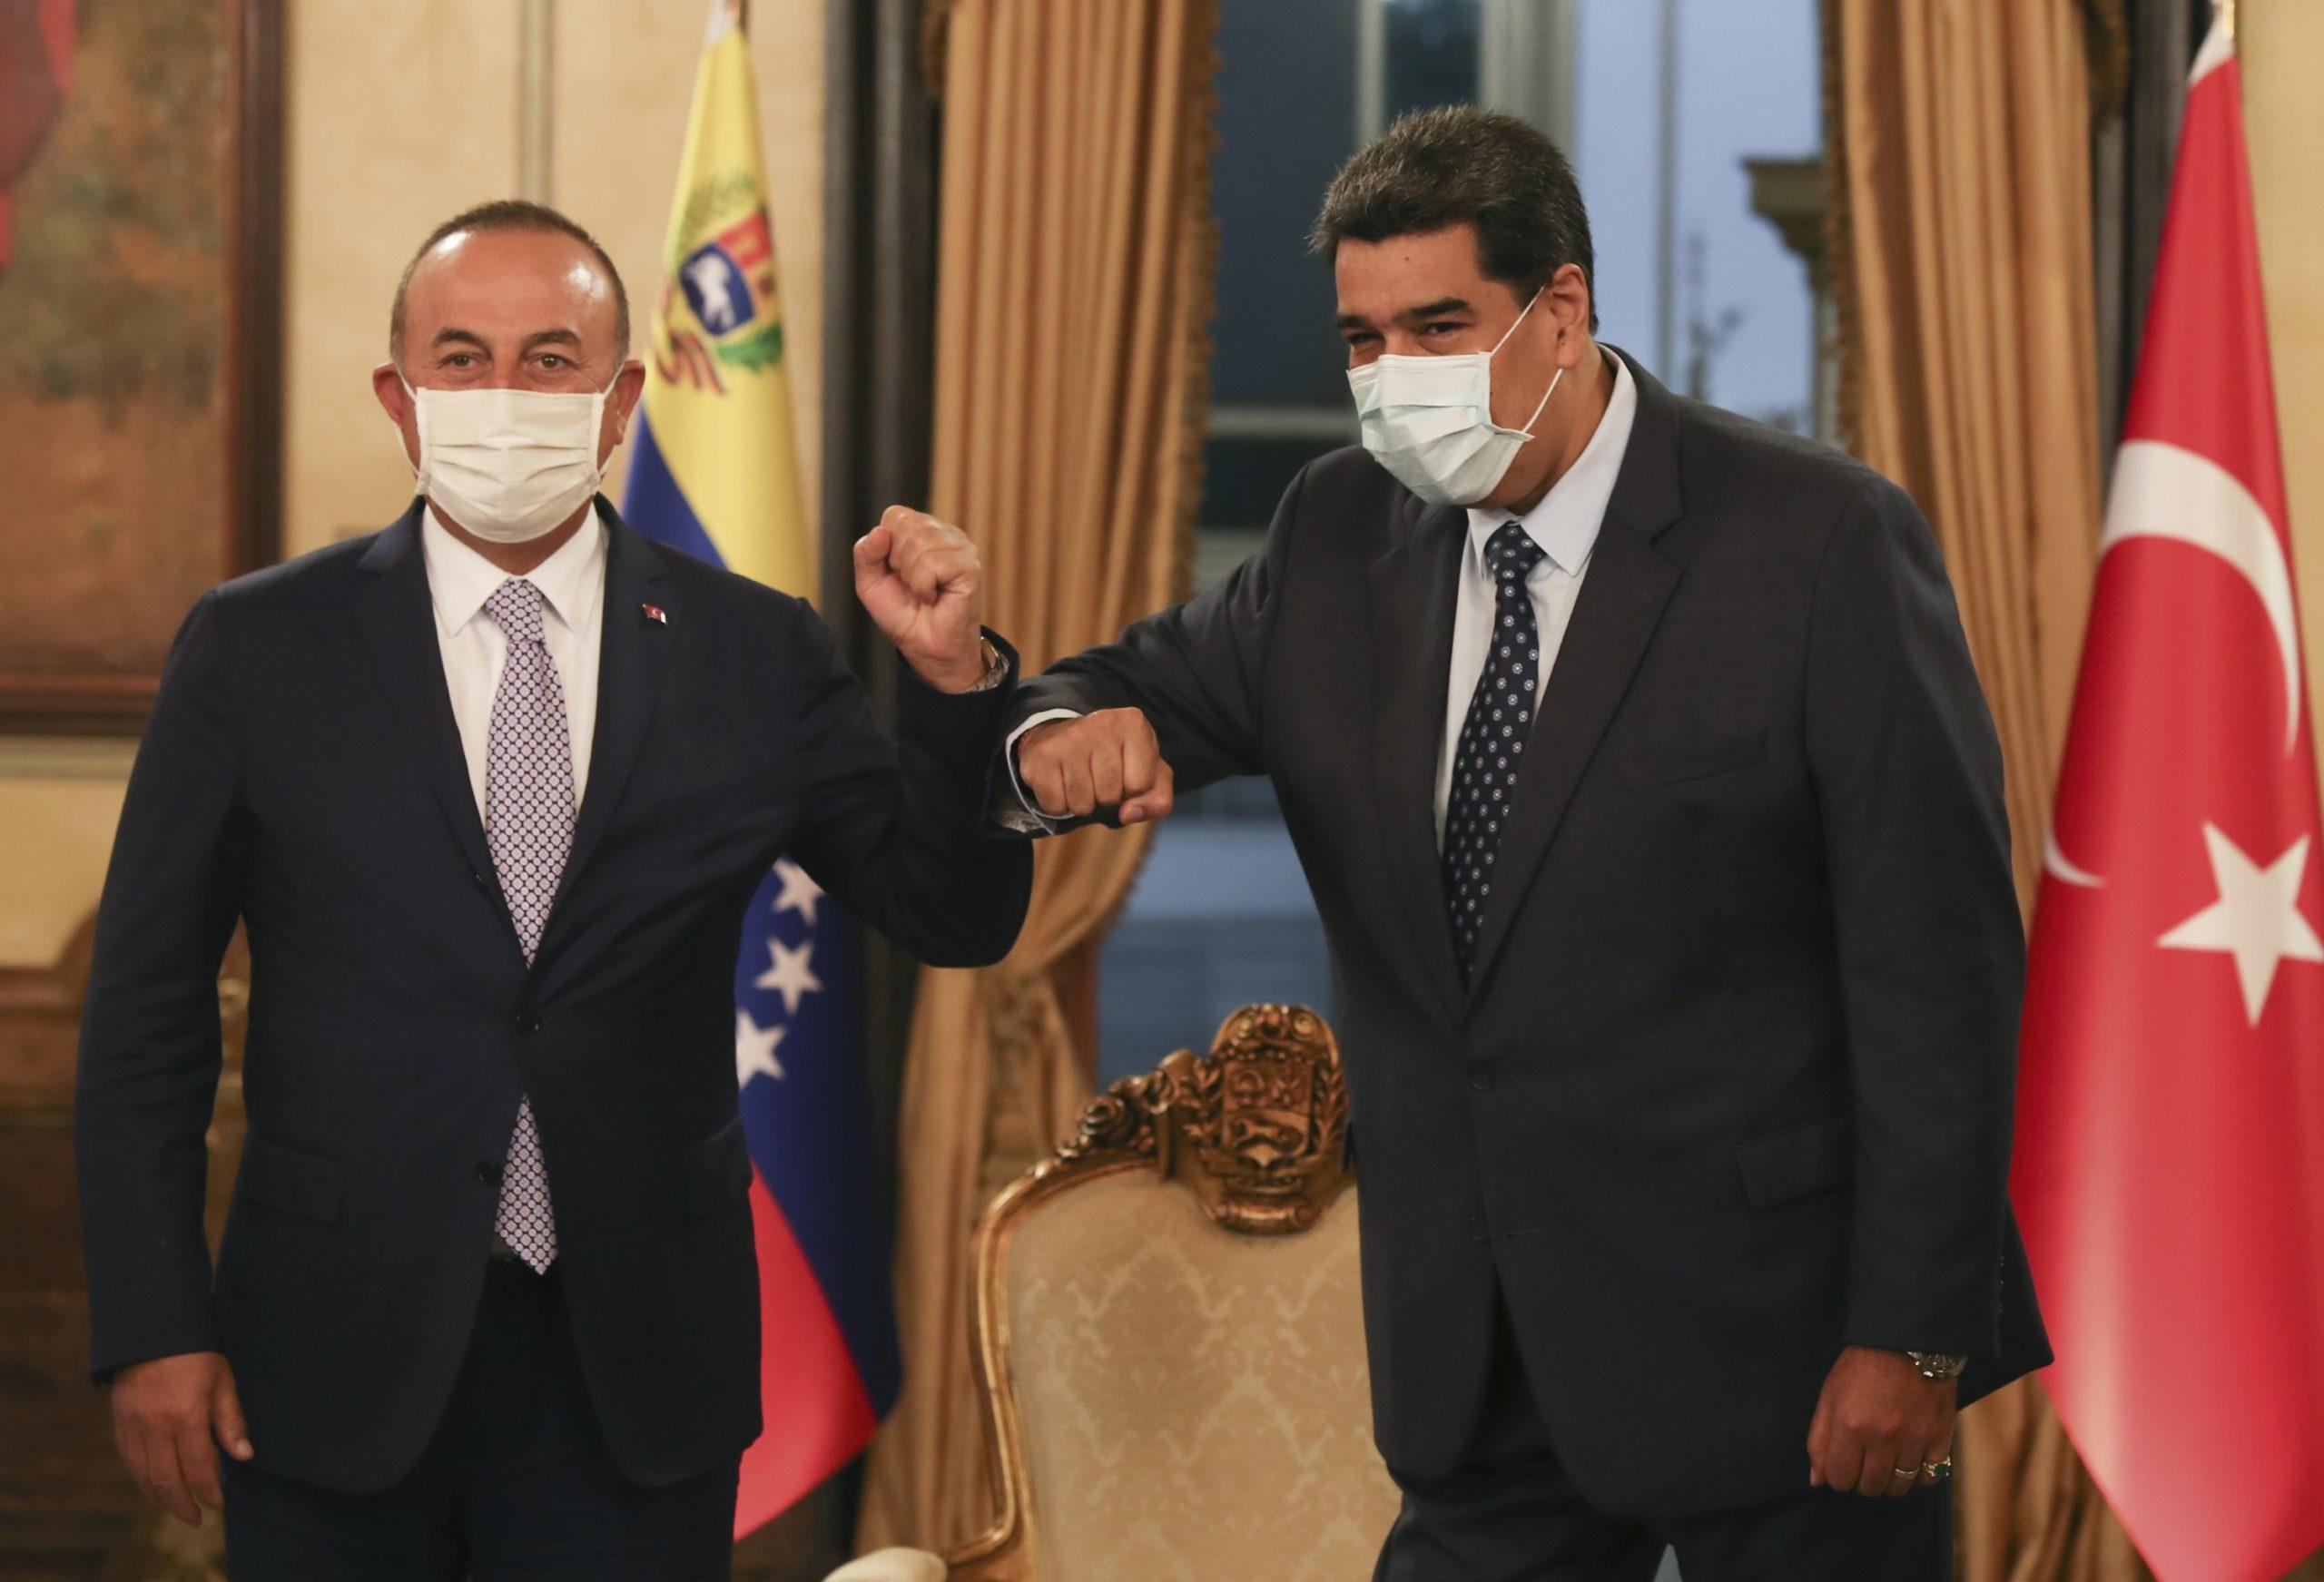 Turkish Foreign Minister Mevlüt Çavuşoğlu visited Venezuelan leader earlier this week. (Image Credit-Daily Sabah)